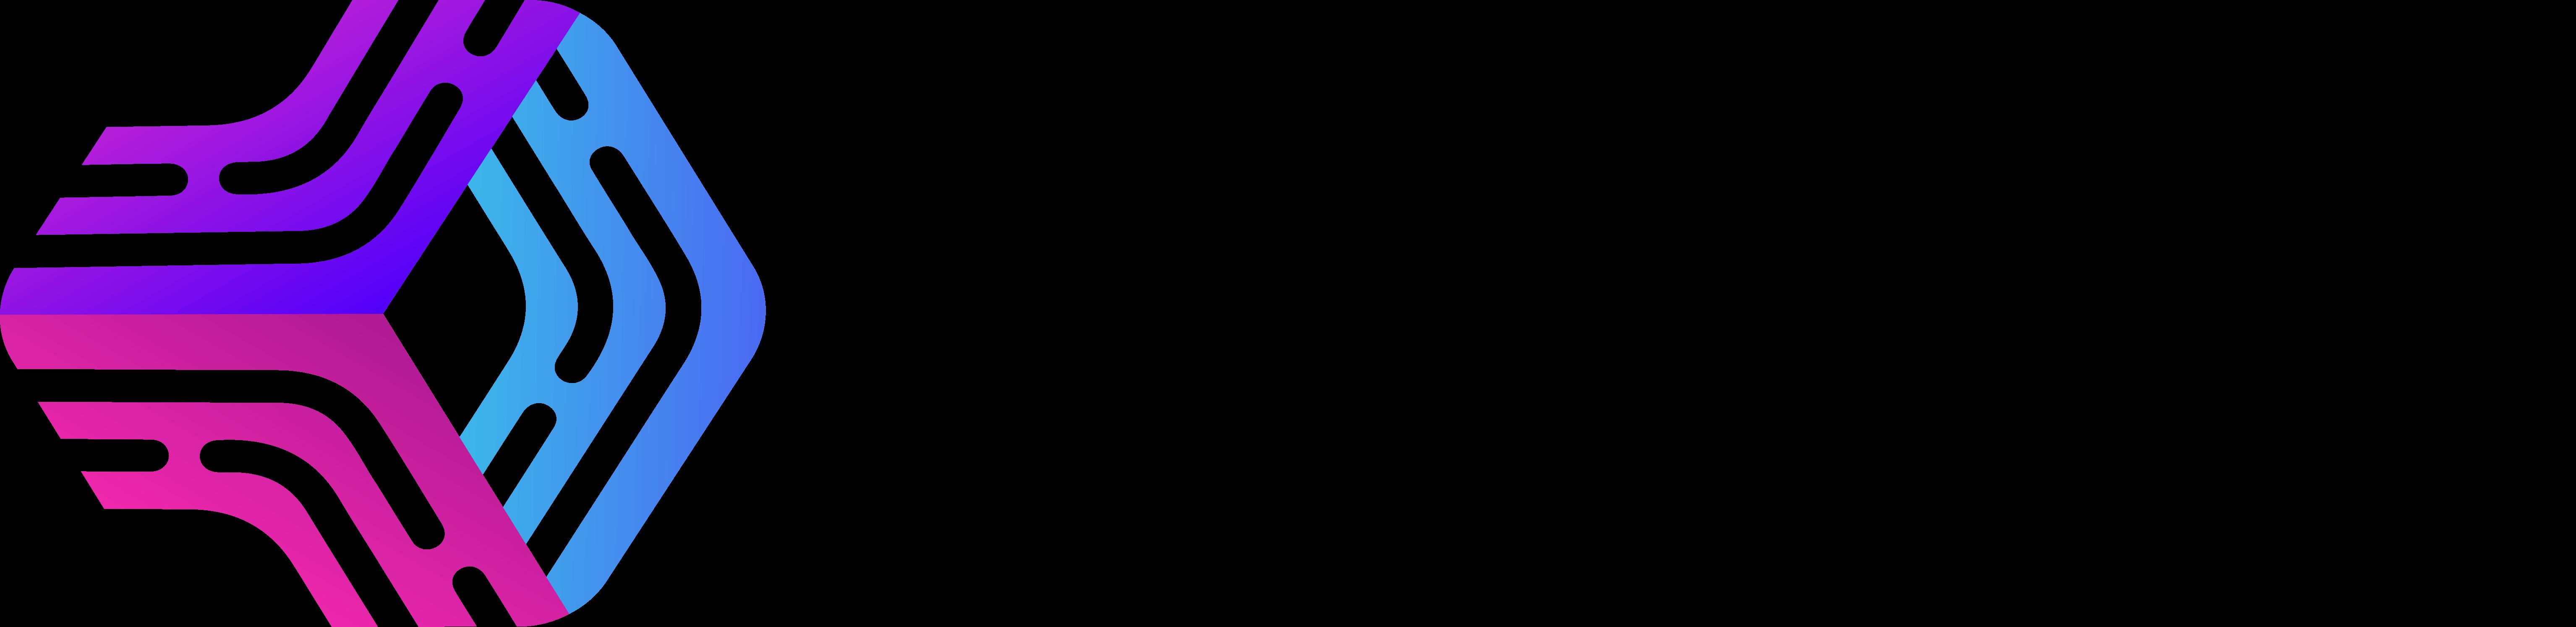 pm2 - npm